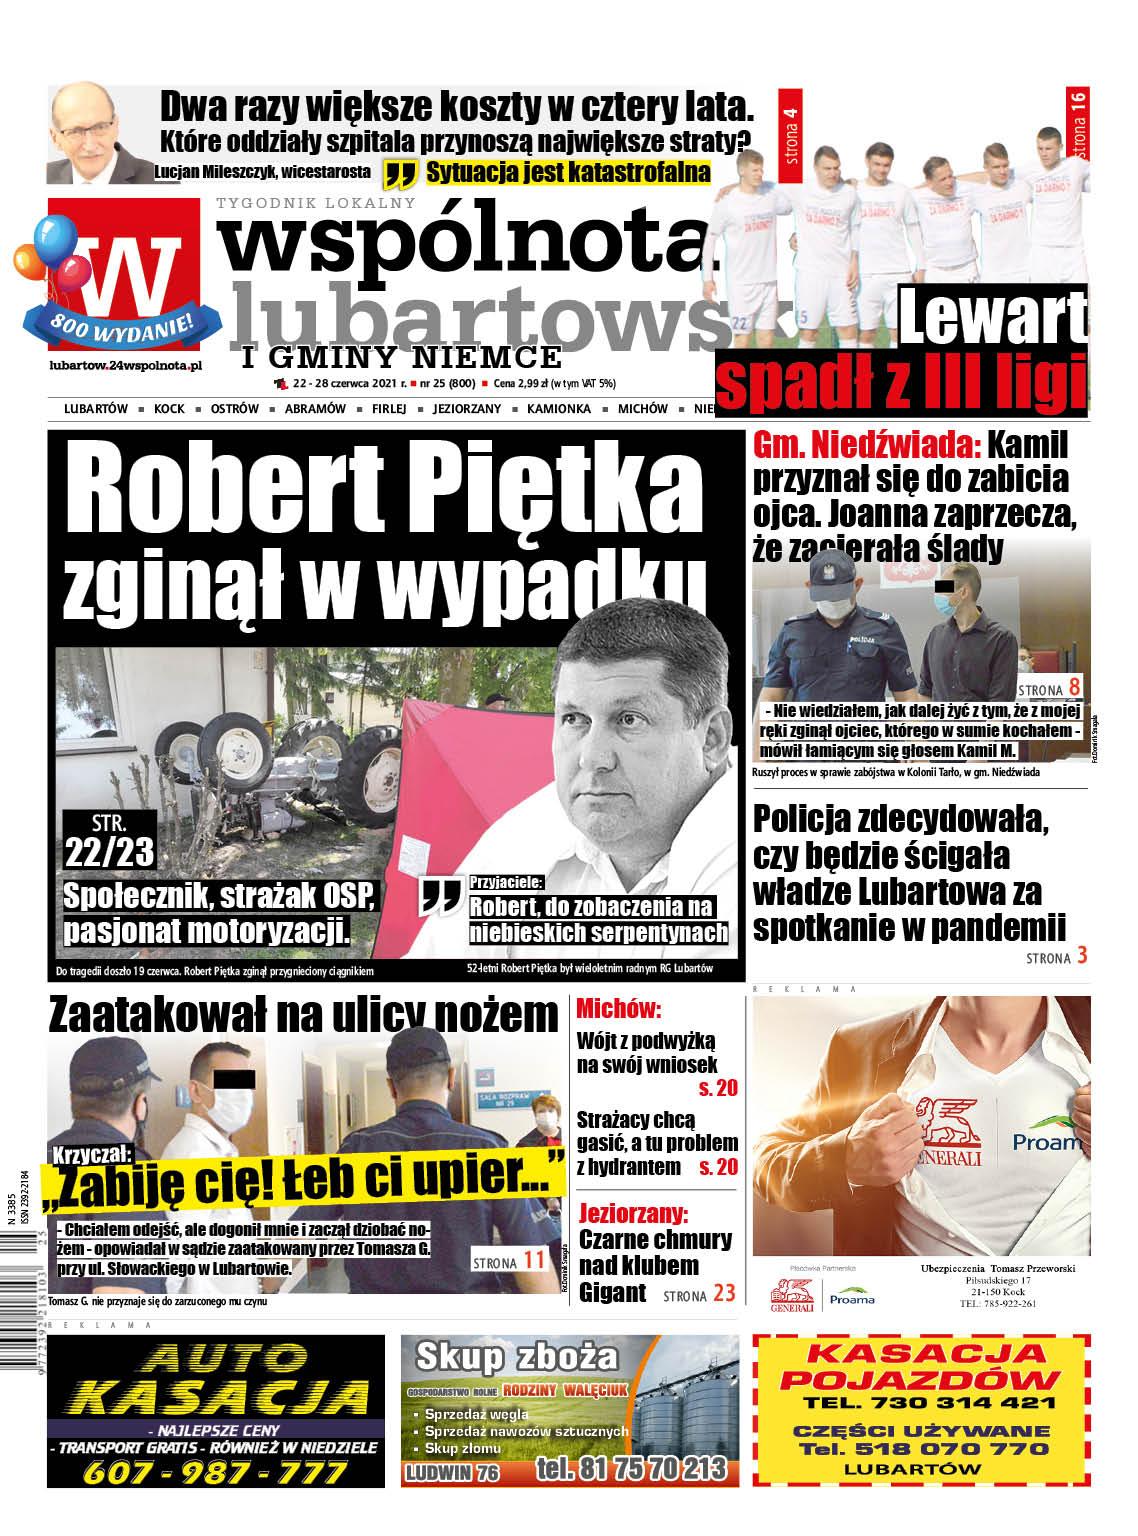 Policja umorzyła postępowanie wobec władz Lubartowa, sanepid ciągle prowadzi - Zdjęcie główne